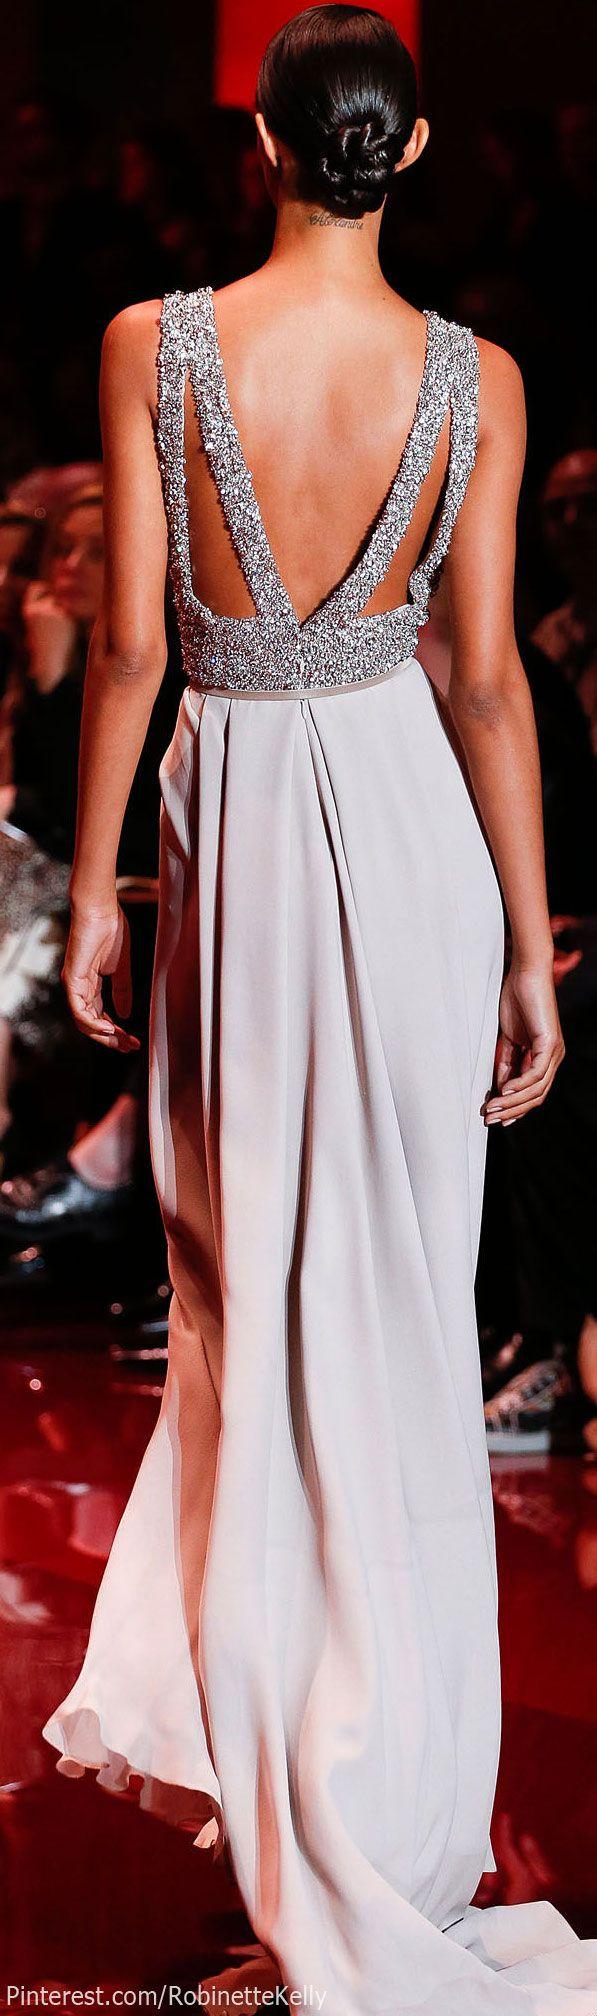 Elegante vestido gris.